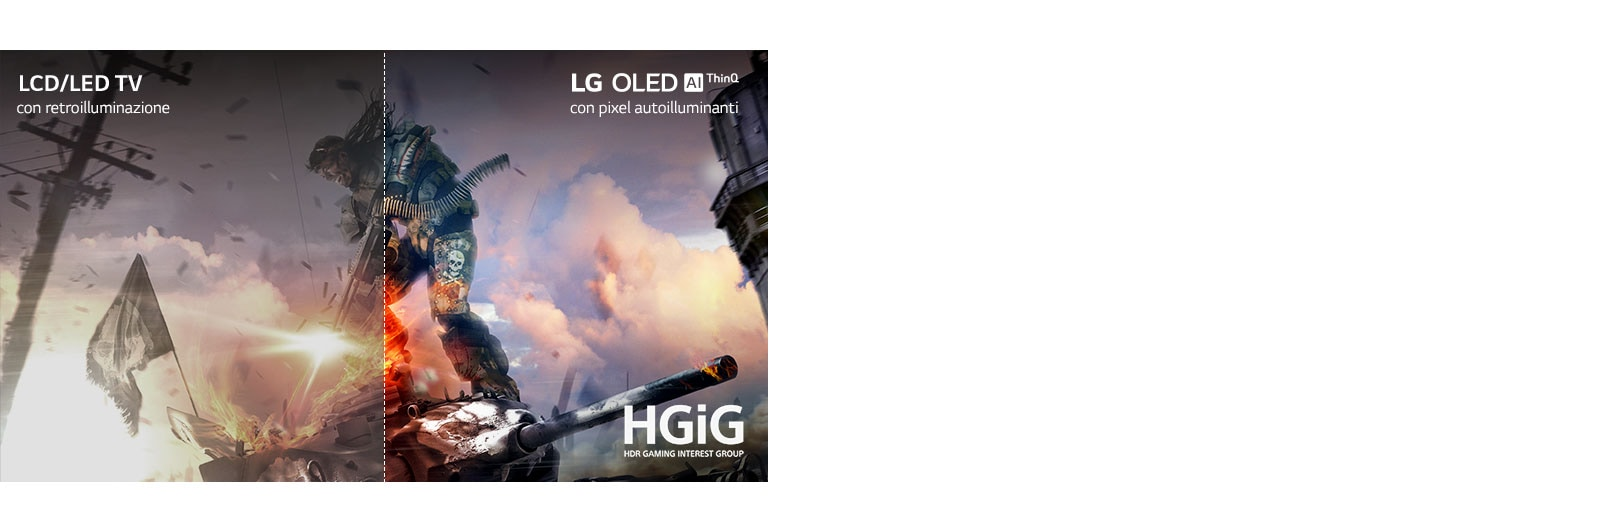 Scena di un gioco: una metà è riprodotta su un TV LCD/LED con scarsa qualità delle immagini, mentre l'altra è riprodotta su un TV LG OLED con qualità delle immagini chiara e nitida.